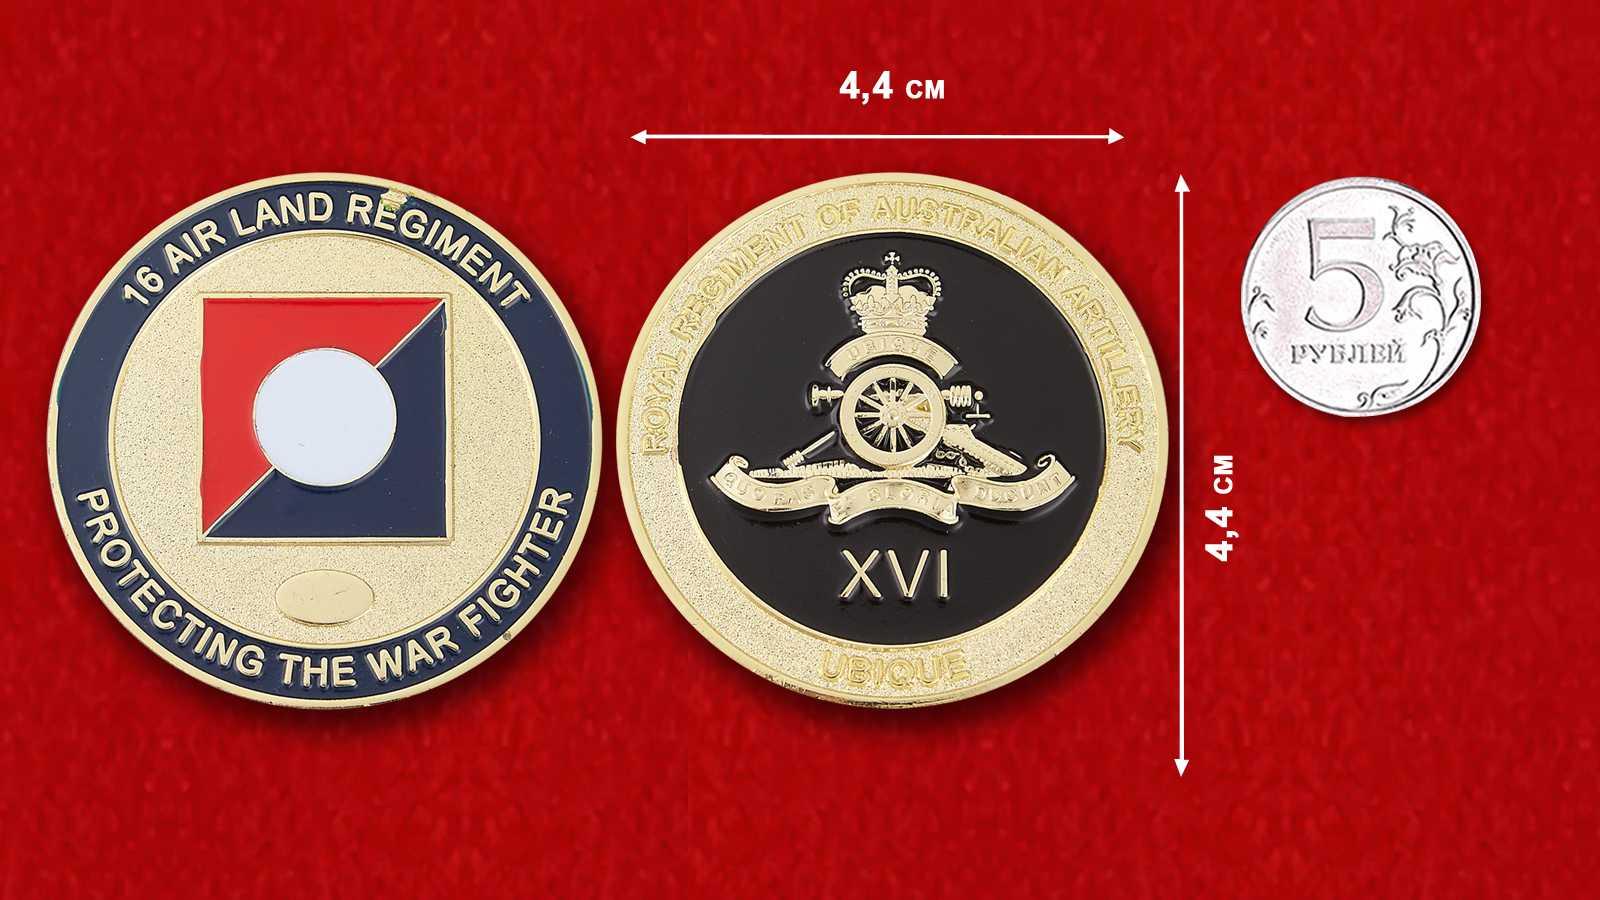 Челлендж коин 16-го Королевского полка ПВО 6-й бригады 1-й дивизии Армии Австралии